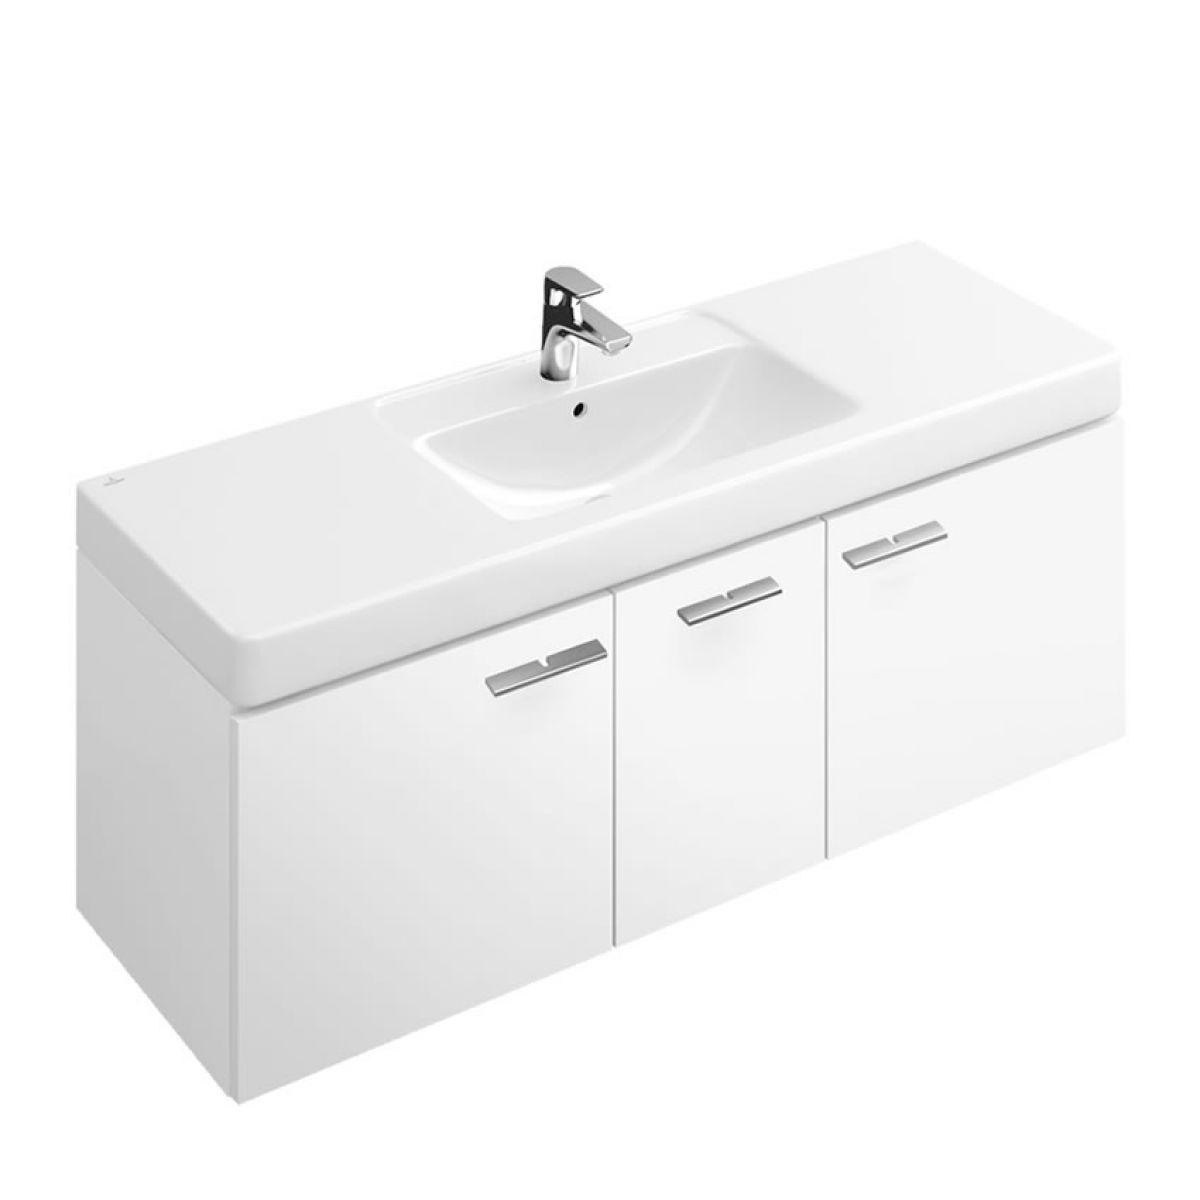 Villeroy and boch central line vanity unit 9866 uk bathrooms for Villeroy and boch bathroom vanity units